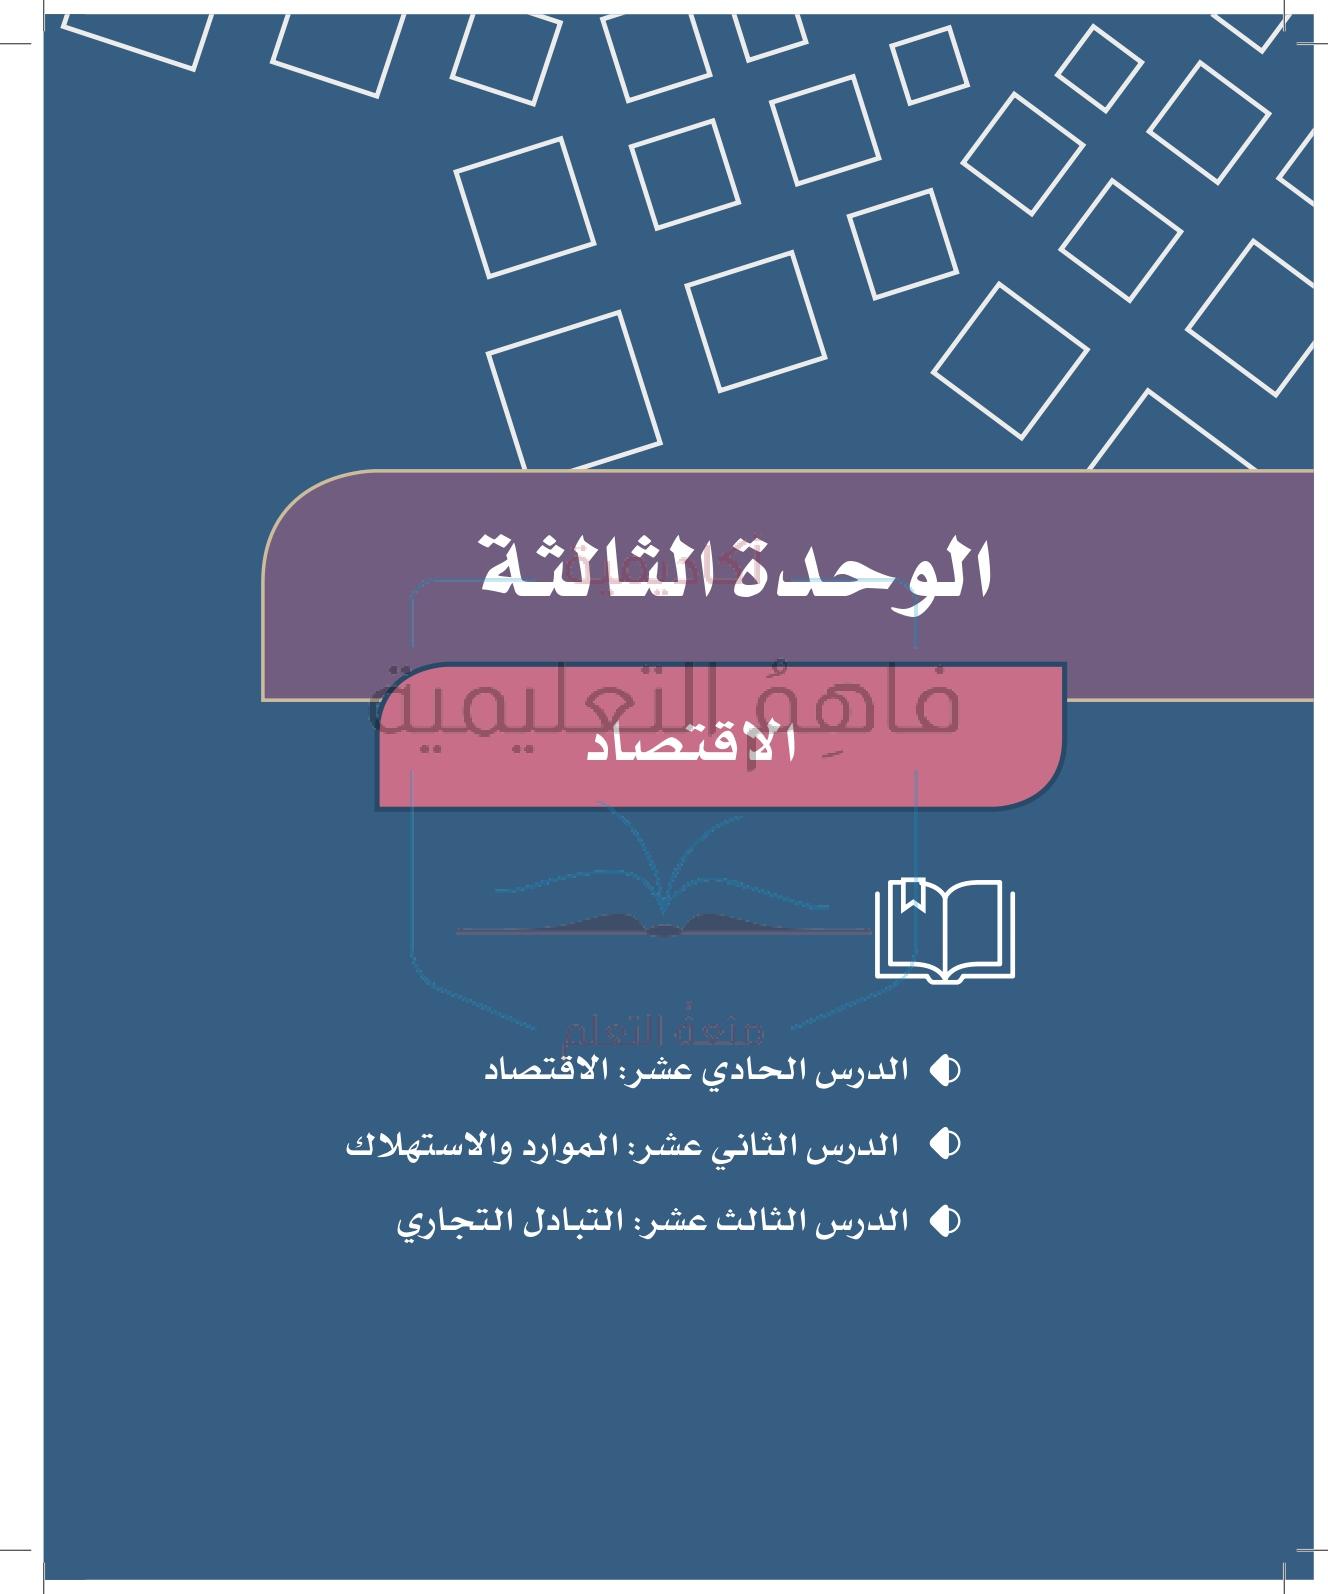 حل دراسات اجتماعية رابع – الوحدة (3) – الاقتصاد – صفحة 64-80